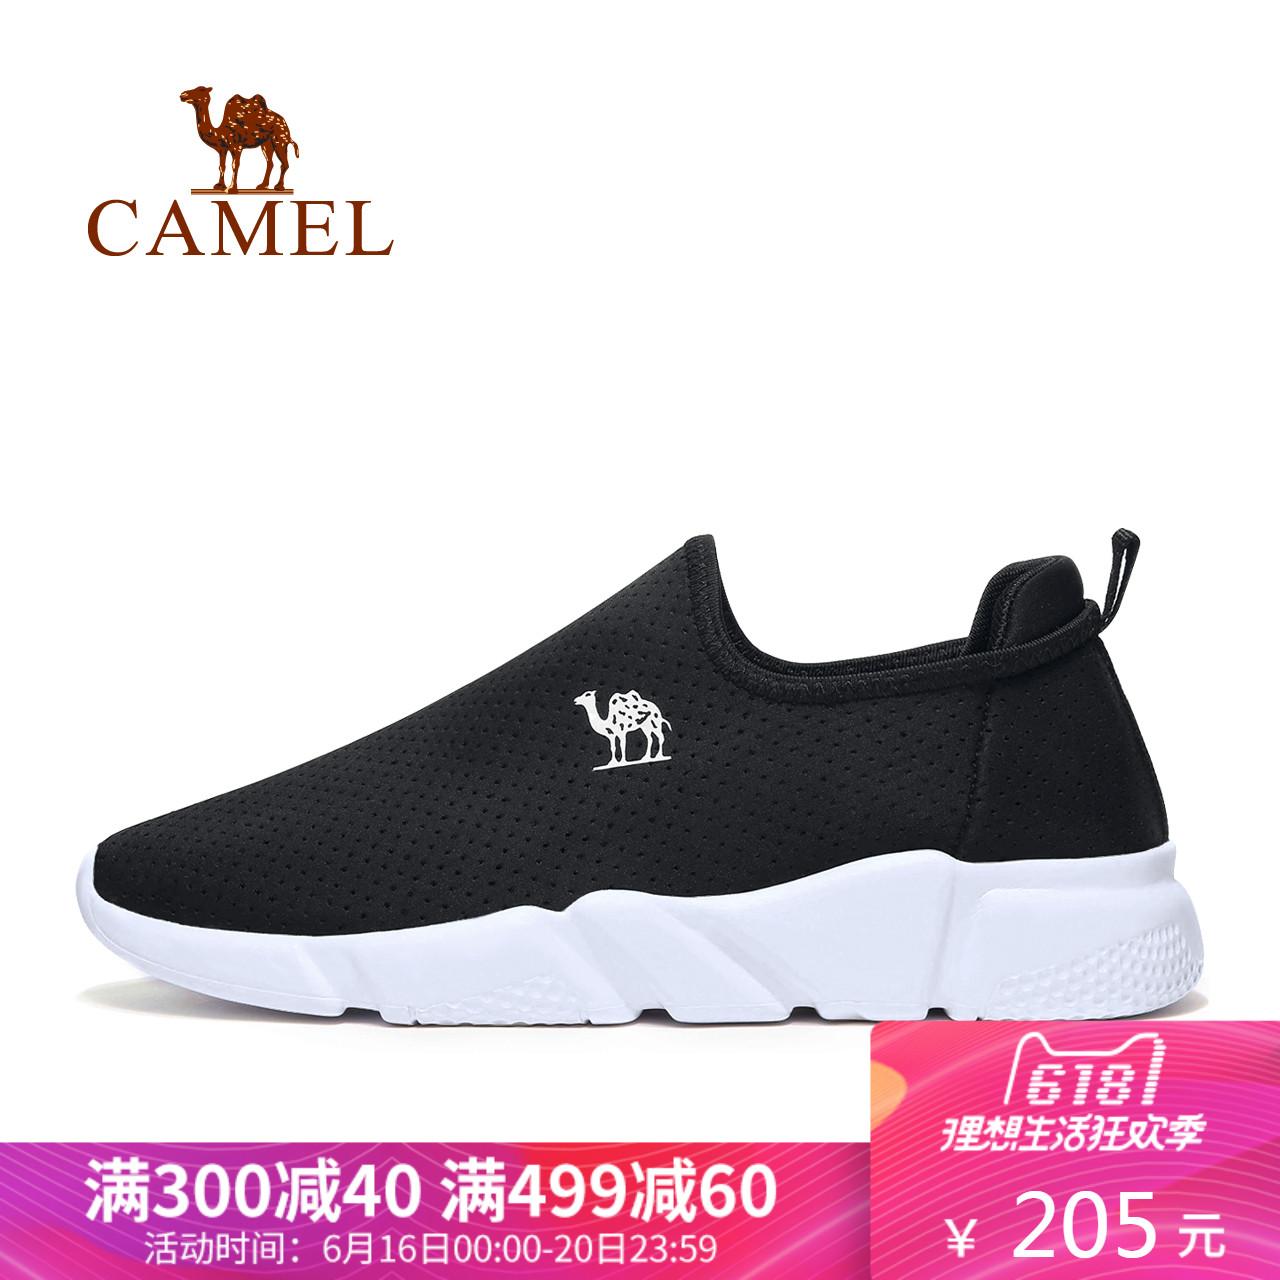 【2018新品】CAMEL骆驼户外休闲鞋男 休闲徒步防滑时尚舒适透气鞋